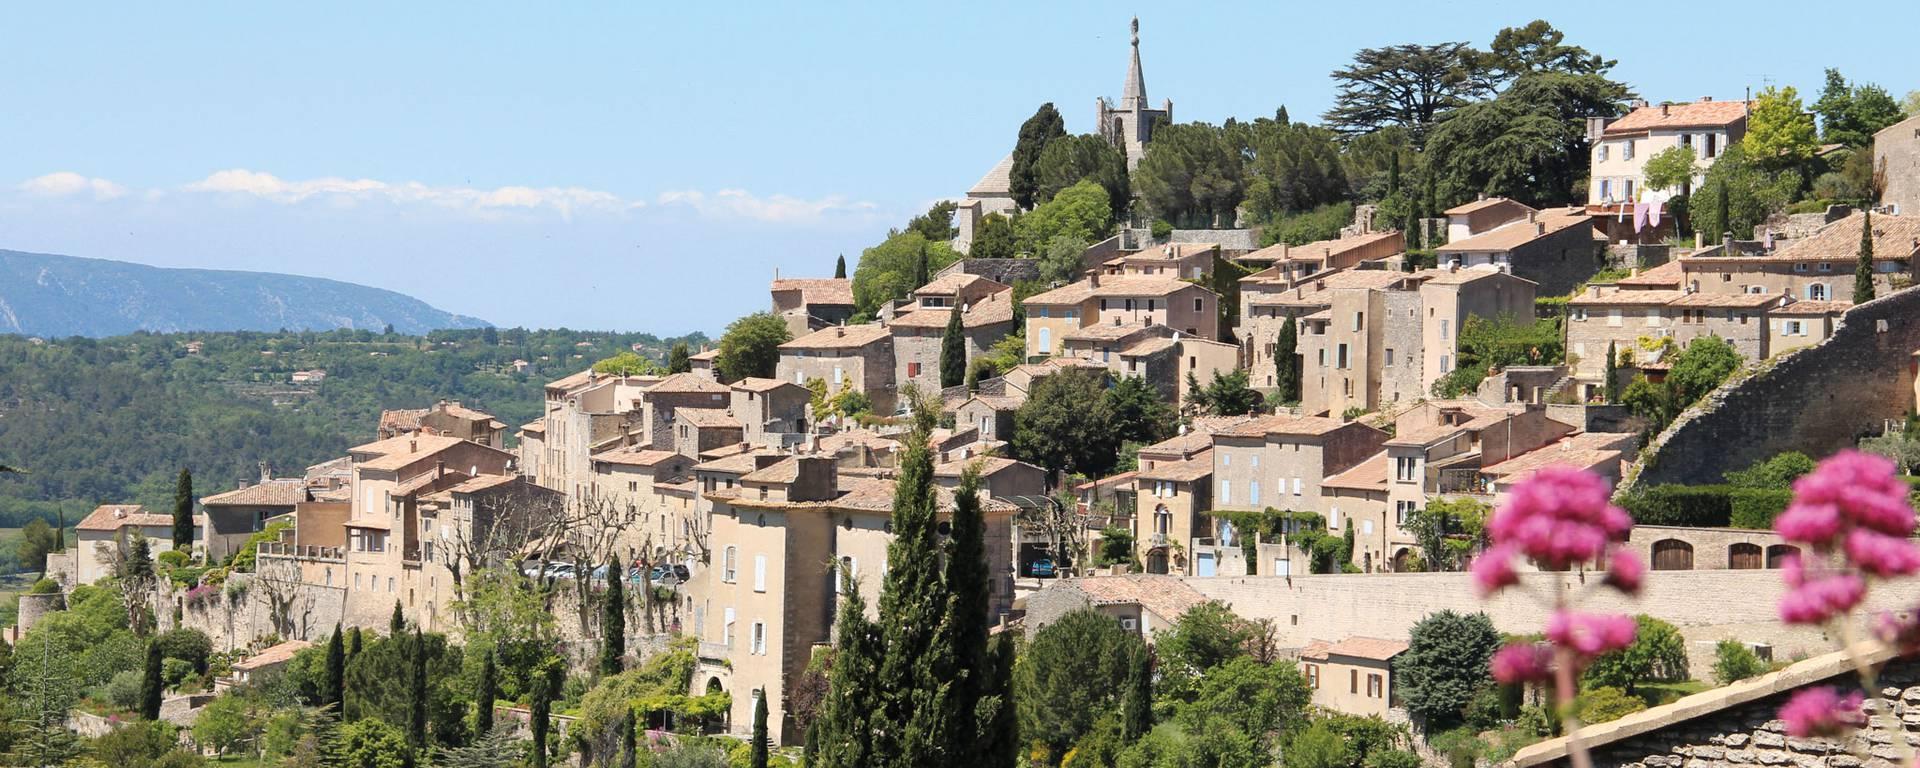 Bonnieux   Village perché